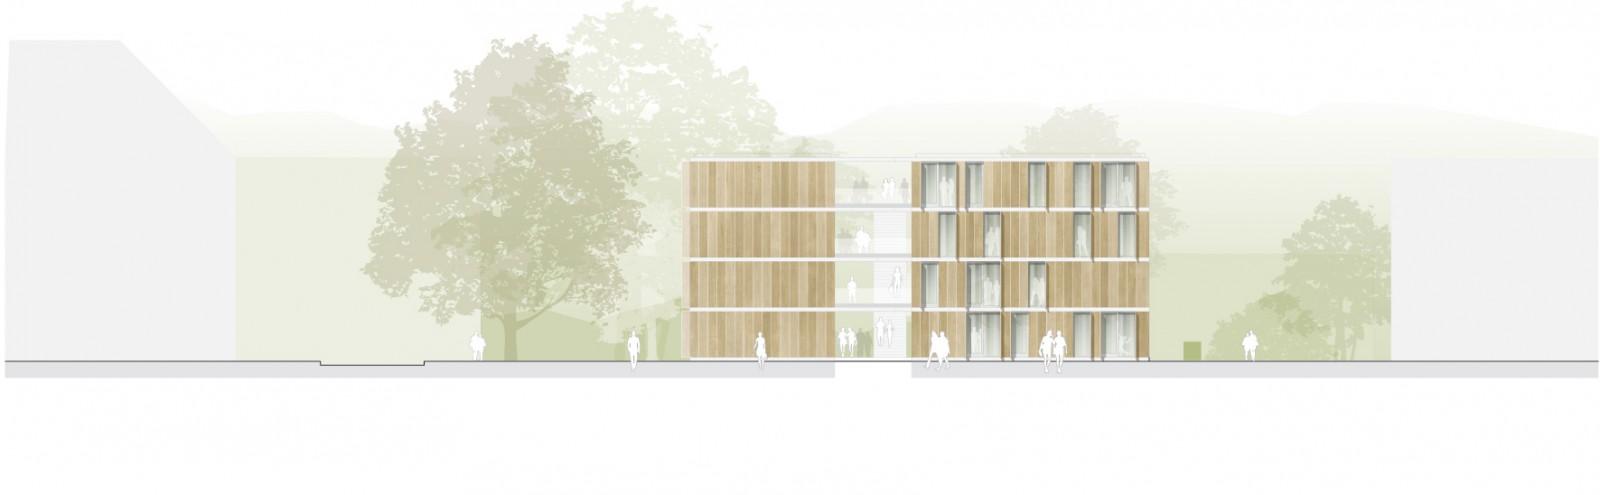 Landshut, Wohnanlage für Studierende